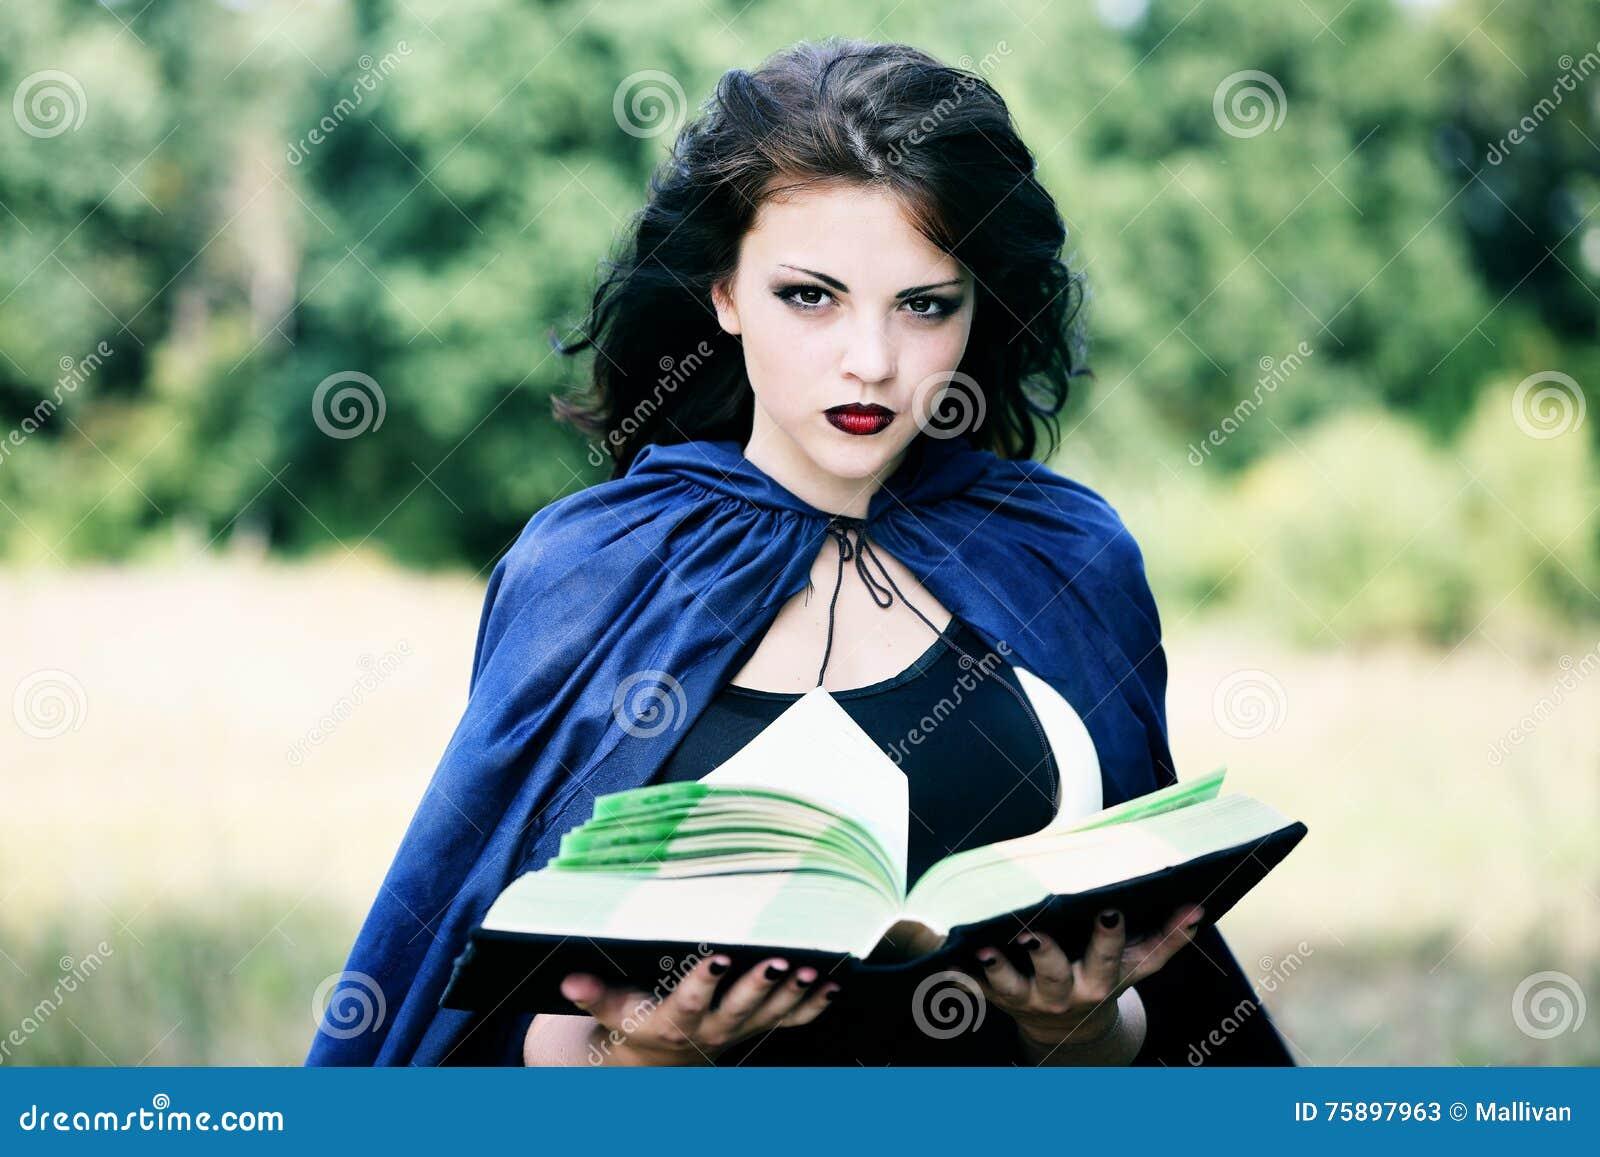 Νέα μάγισσα με ένα βιβλίο